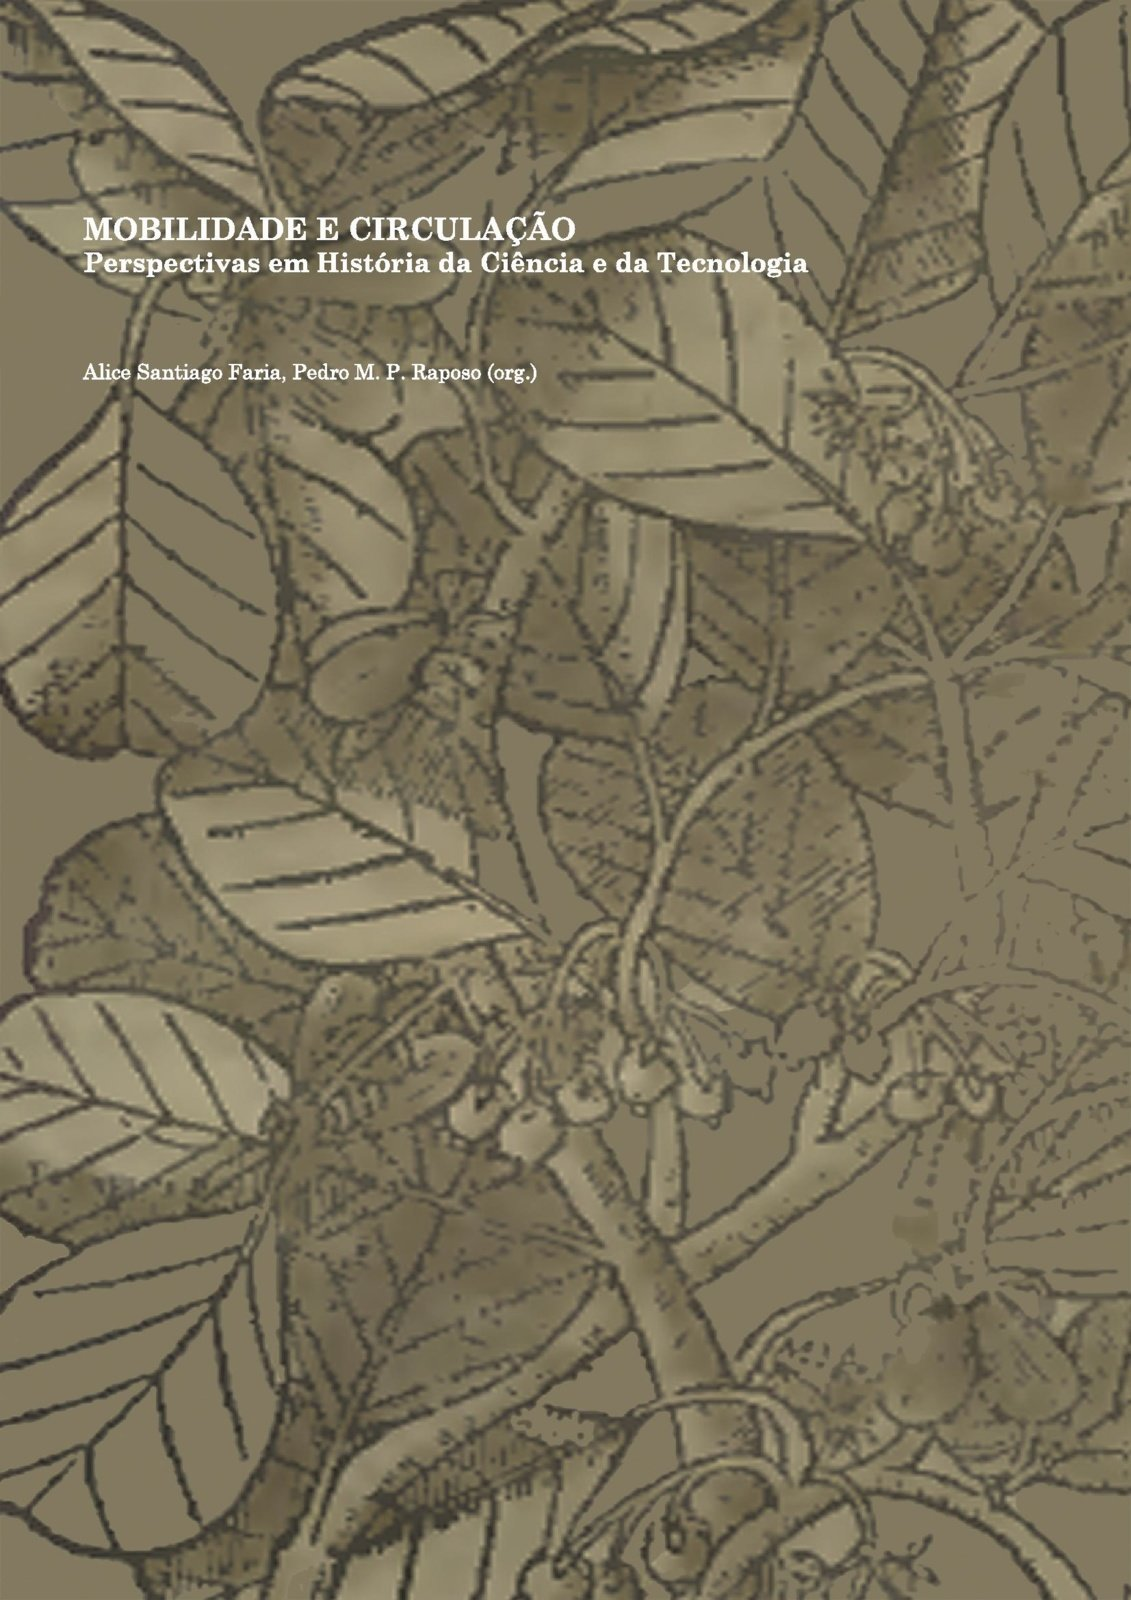 Mobilidade e circulação: perspectivas em História da Ciência e da Tecnologia, Capa